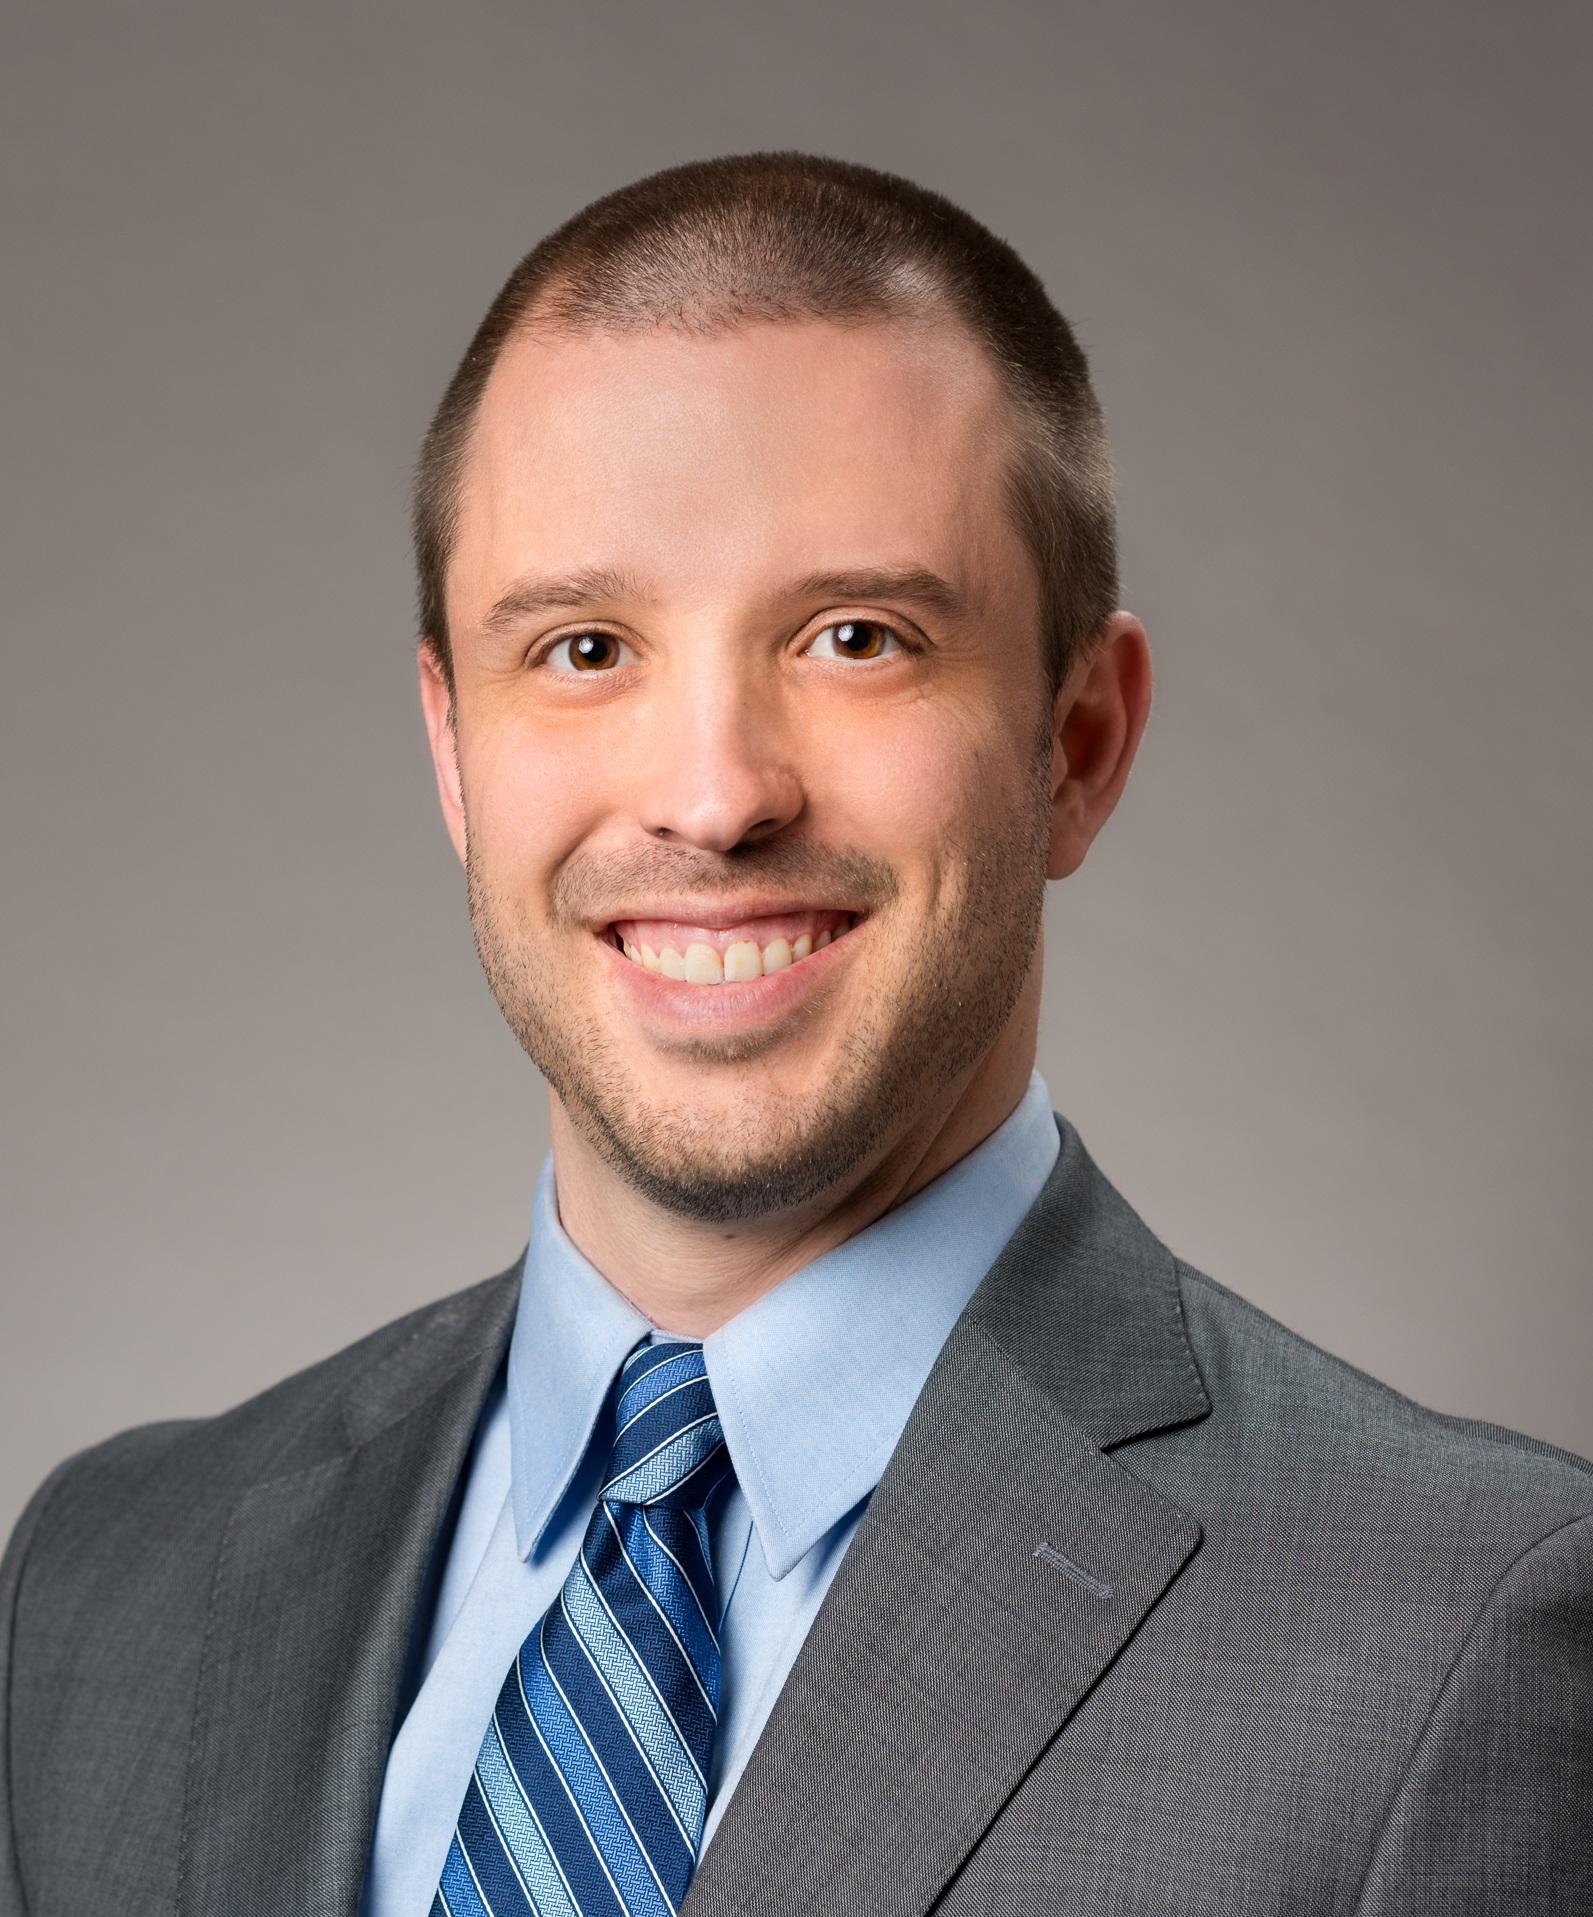 Family Law Attorney Alex French